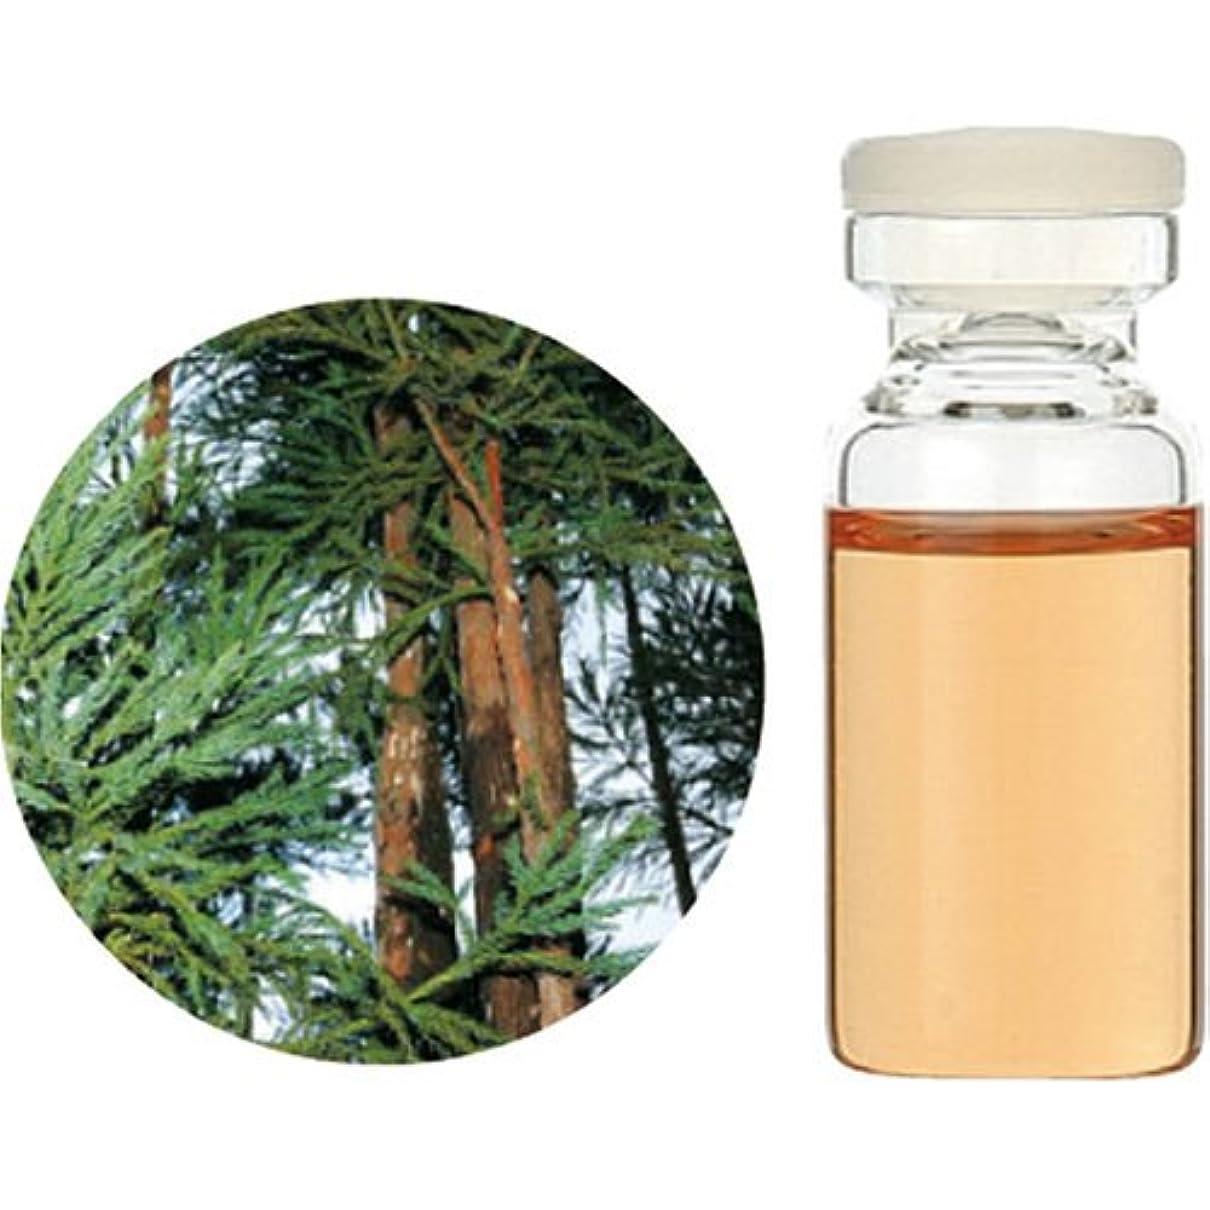 大脳密機知に富んだ生活の木 C 和精油 杉 (木部) エッセンシャルオイル 10ml